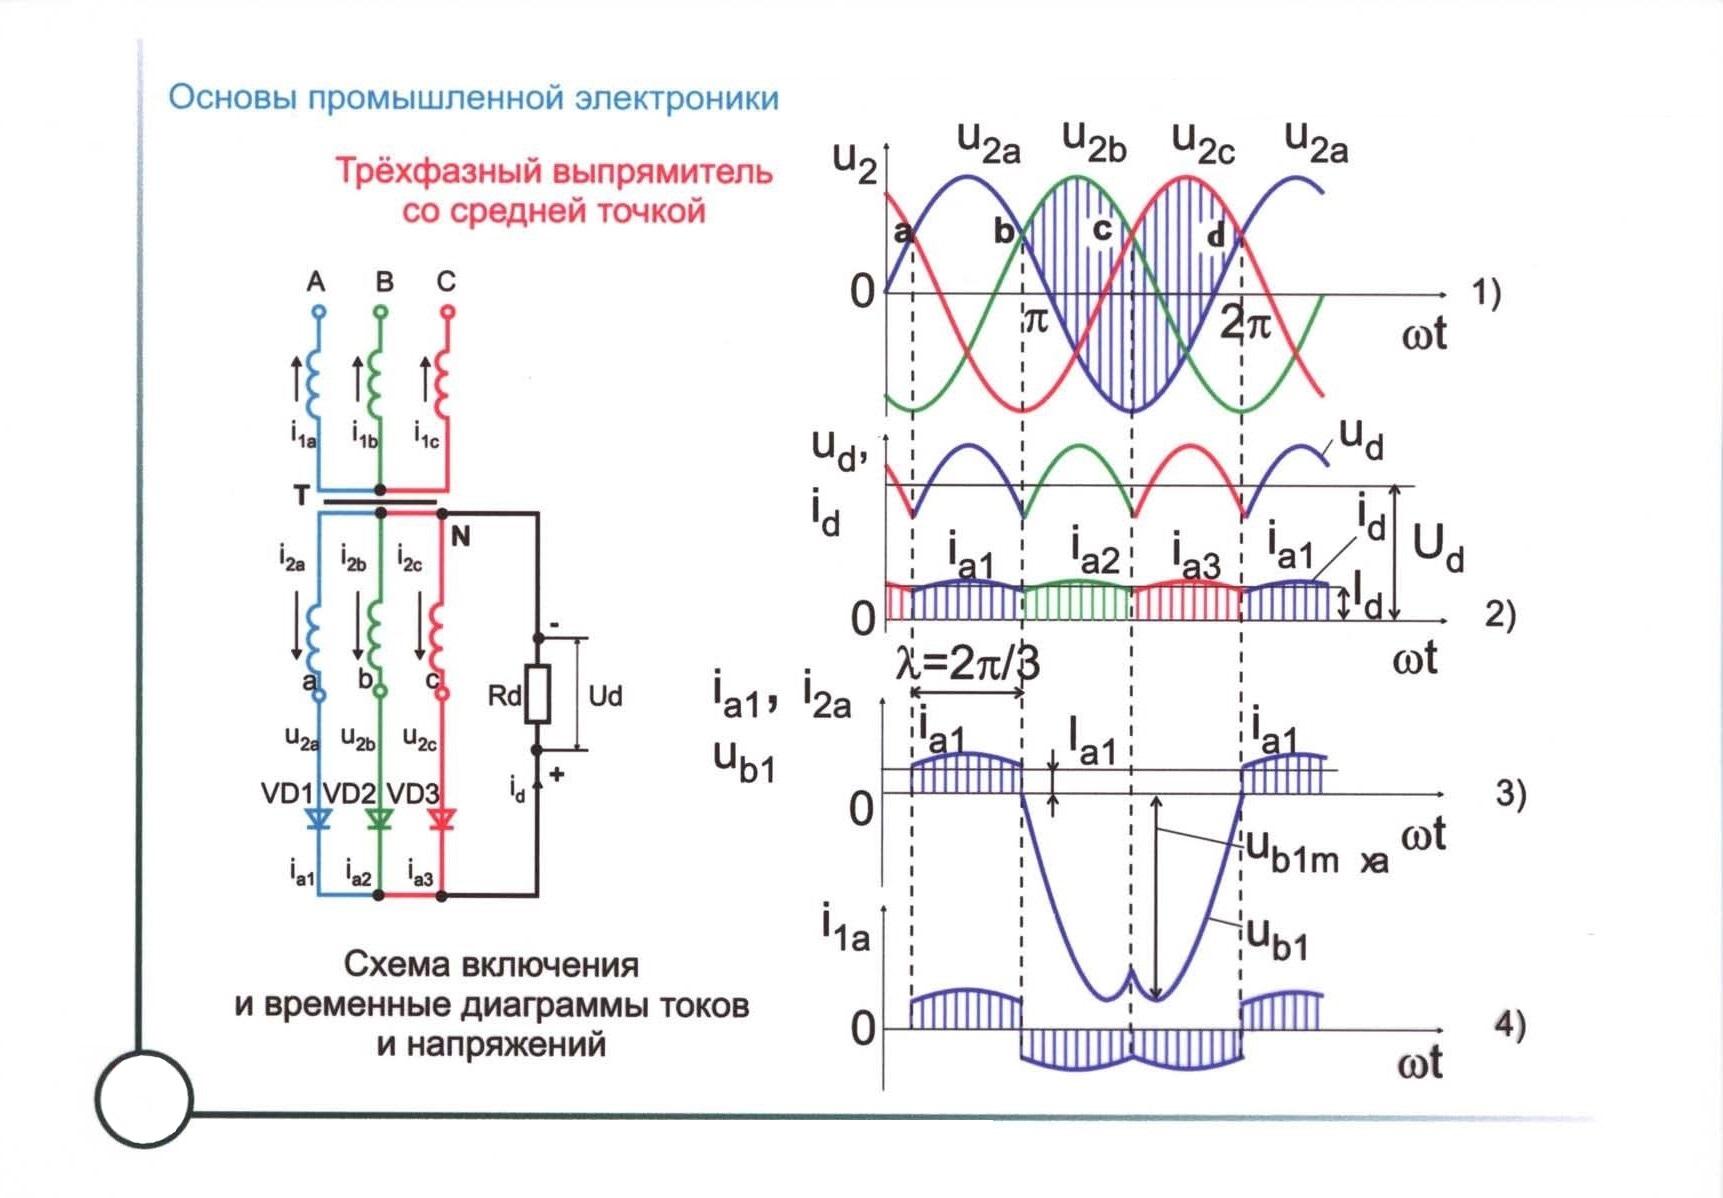 Принцип действия и схема трехфазного мостового выпрямителя